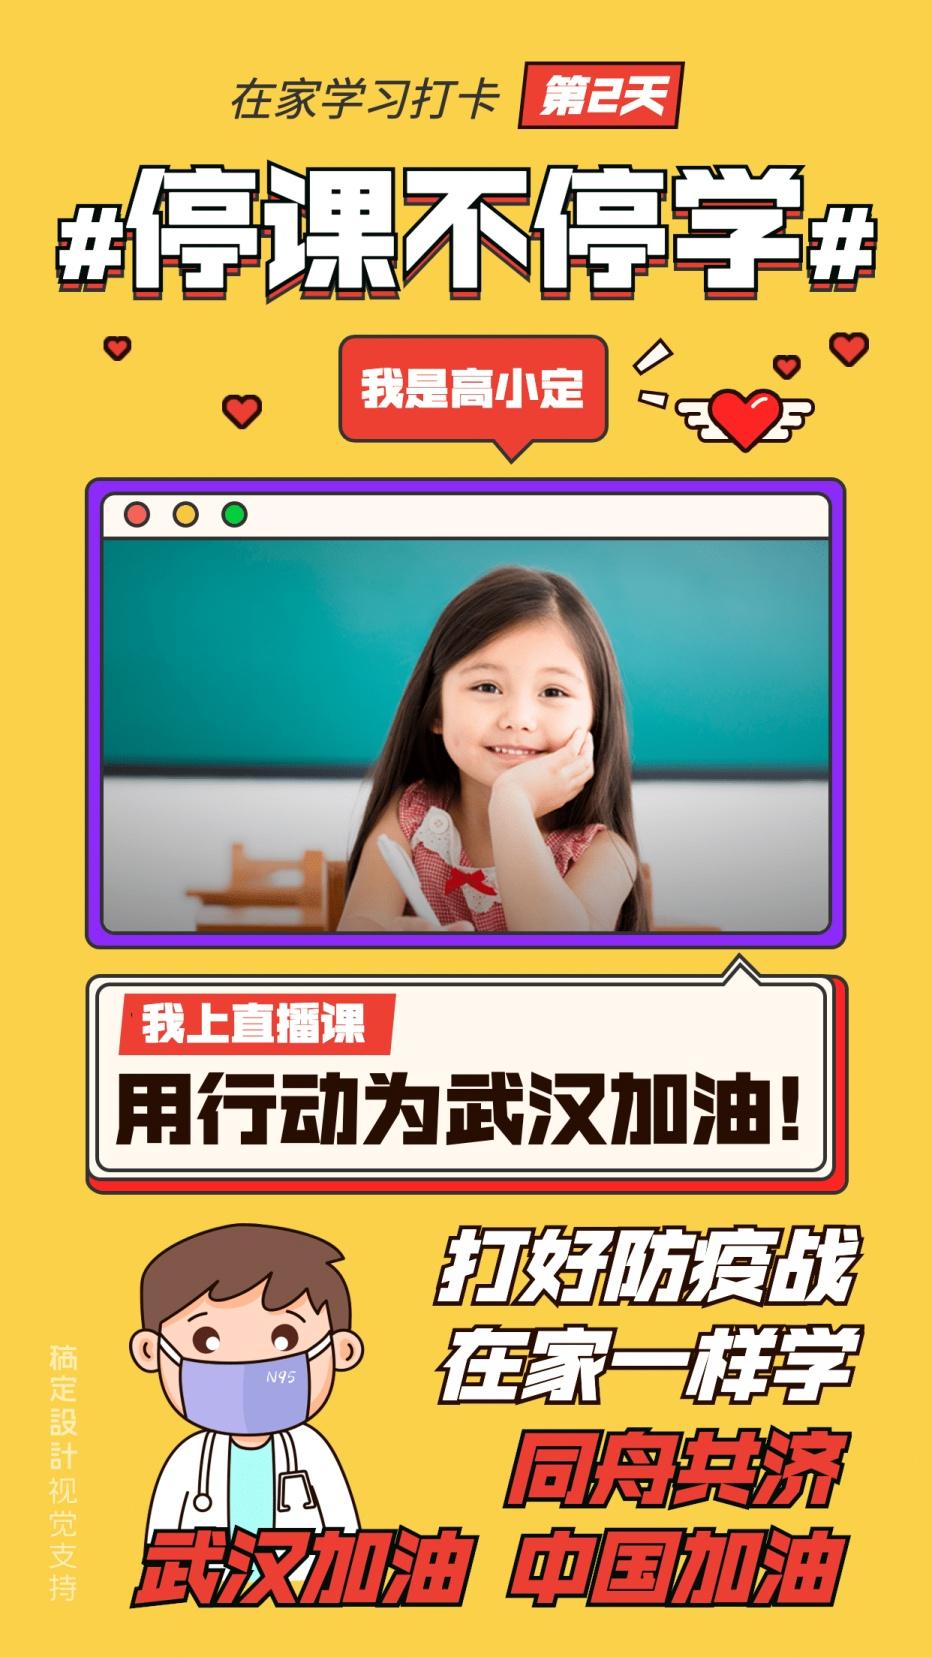 武汉加油社群学习打卡正能量海报